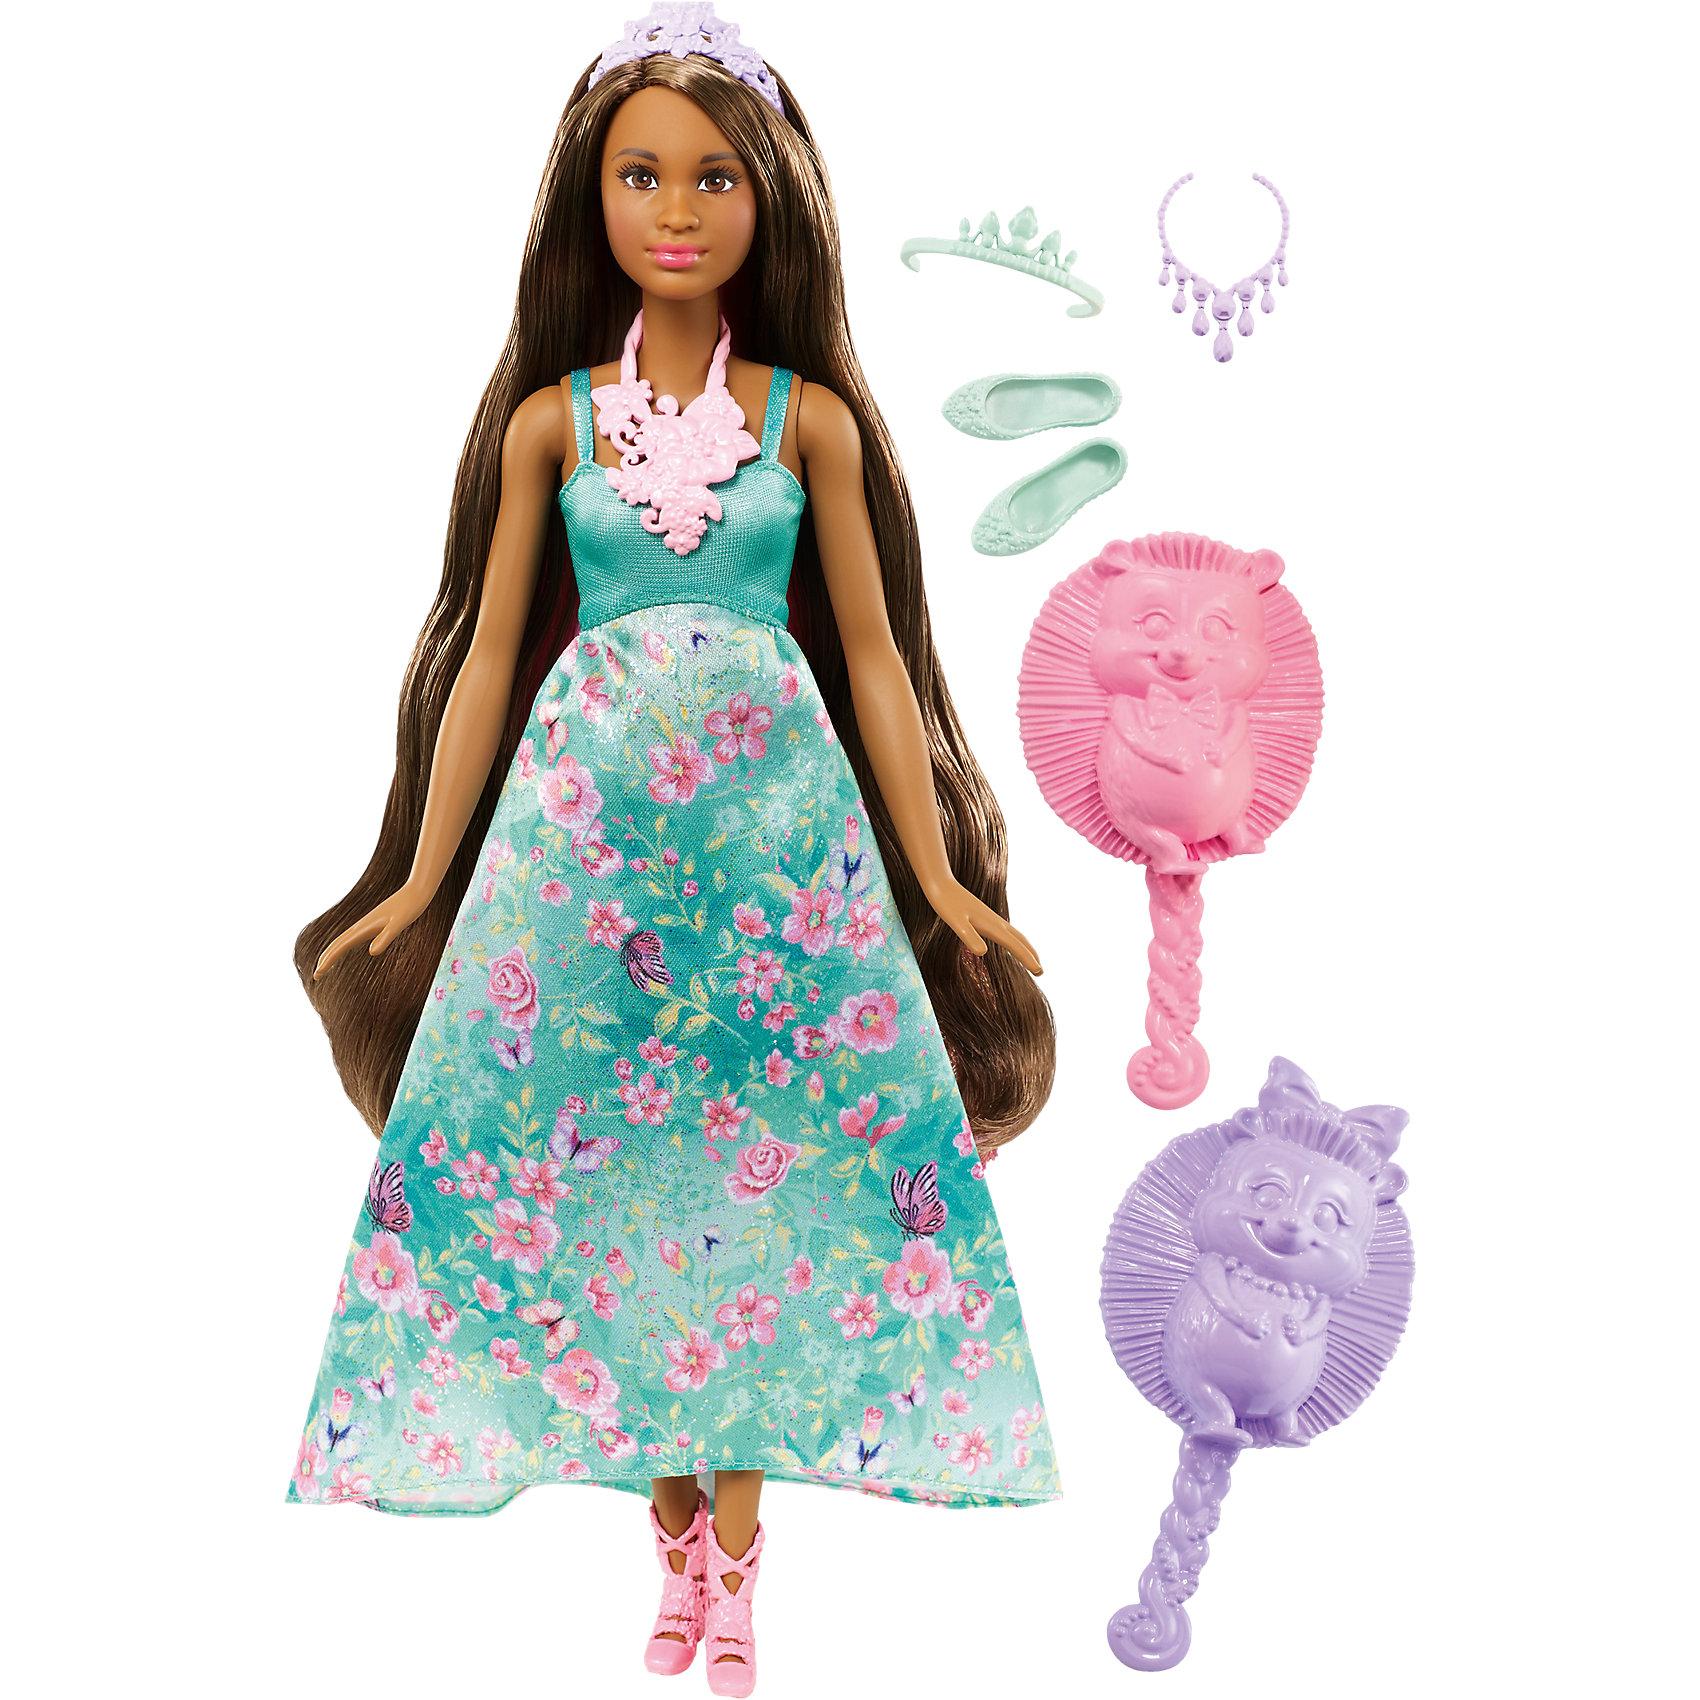 Принцесса с волшебными волосами, BarbieBarbie<br>Характеристики товара:<br><br>• комплектация: кукла, одежда, аксессуары, расческа и губка<br>• материал: пластик, текстиль<br>• серия: Barbie™ Dreamtopia «Принцесса с волшебными волосами»<br>• руки, ноги гнутся<br>• высота куклы: 29 см<br>• возраст: от трех лет<br>• размер упаковки: 33х12х5 см<br>• вес: 0,3 кг<br>• страна бренда: США<br><br>Эта красивая кукла Барби умеет менять цвет волос! Чтобы начать с ней играть, необходимо повернуть макушку куклы или смочить пряди губкой из набора! Барби из серии Dreamtopia «Принцесса с волшебными волосами» станет великолепным подарком для девочек. Кукла одета в красивый наряд и дополнена аксессуарами.<br><br>Куклы - это не только весело, они помогают девочкам развить вкус и чувство стиля, отработать сценарии поведения в обществе, развить воображение и мелкую моторику. Кукла от бренда Mattel не перестает быть популярной! <br><br>Куклу Принцесса с волшебными волосами от компании Mattel можно купить в нашем интернет-магазине.<br><br>Ширина мм: 328<br>Глубина мм: 230<br>Высота мм: 66<br>Вес г: 278<br>Возраст от месяцев: 36<br>Возраст до месяцев: 72<br>Пол: Женский<br>Возраст: Детский<br>SKU: 5257126